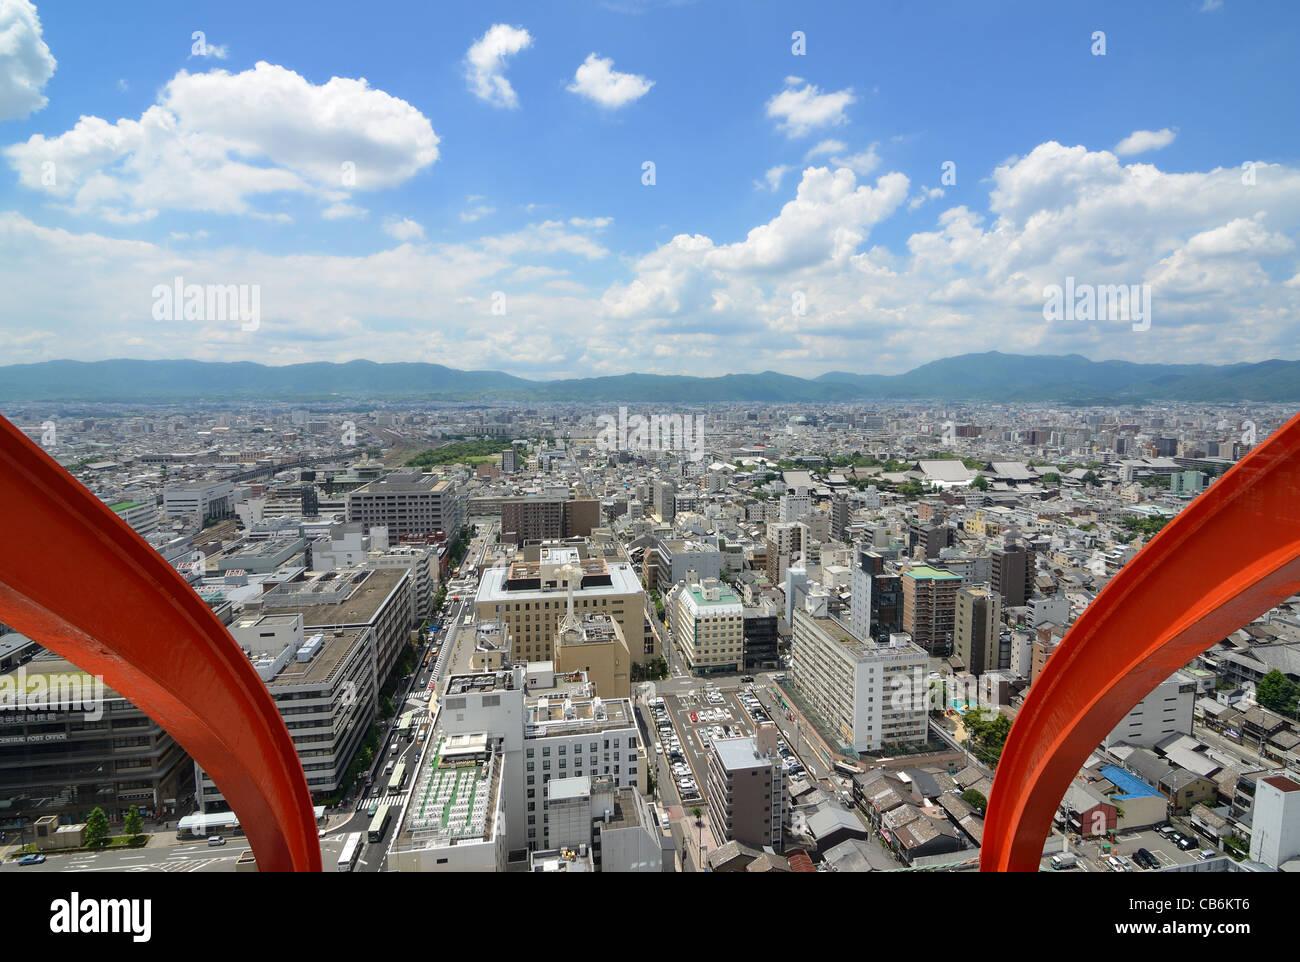 Luftaufnahme von Kyoto, Japan. Stockbild